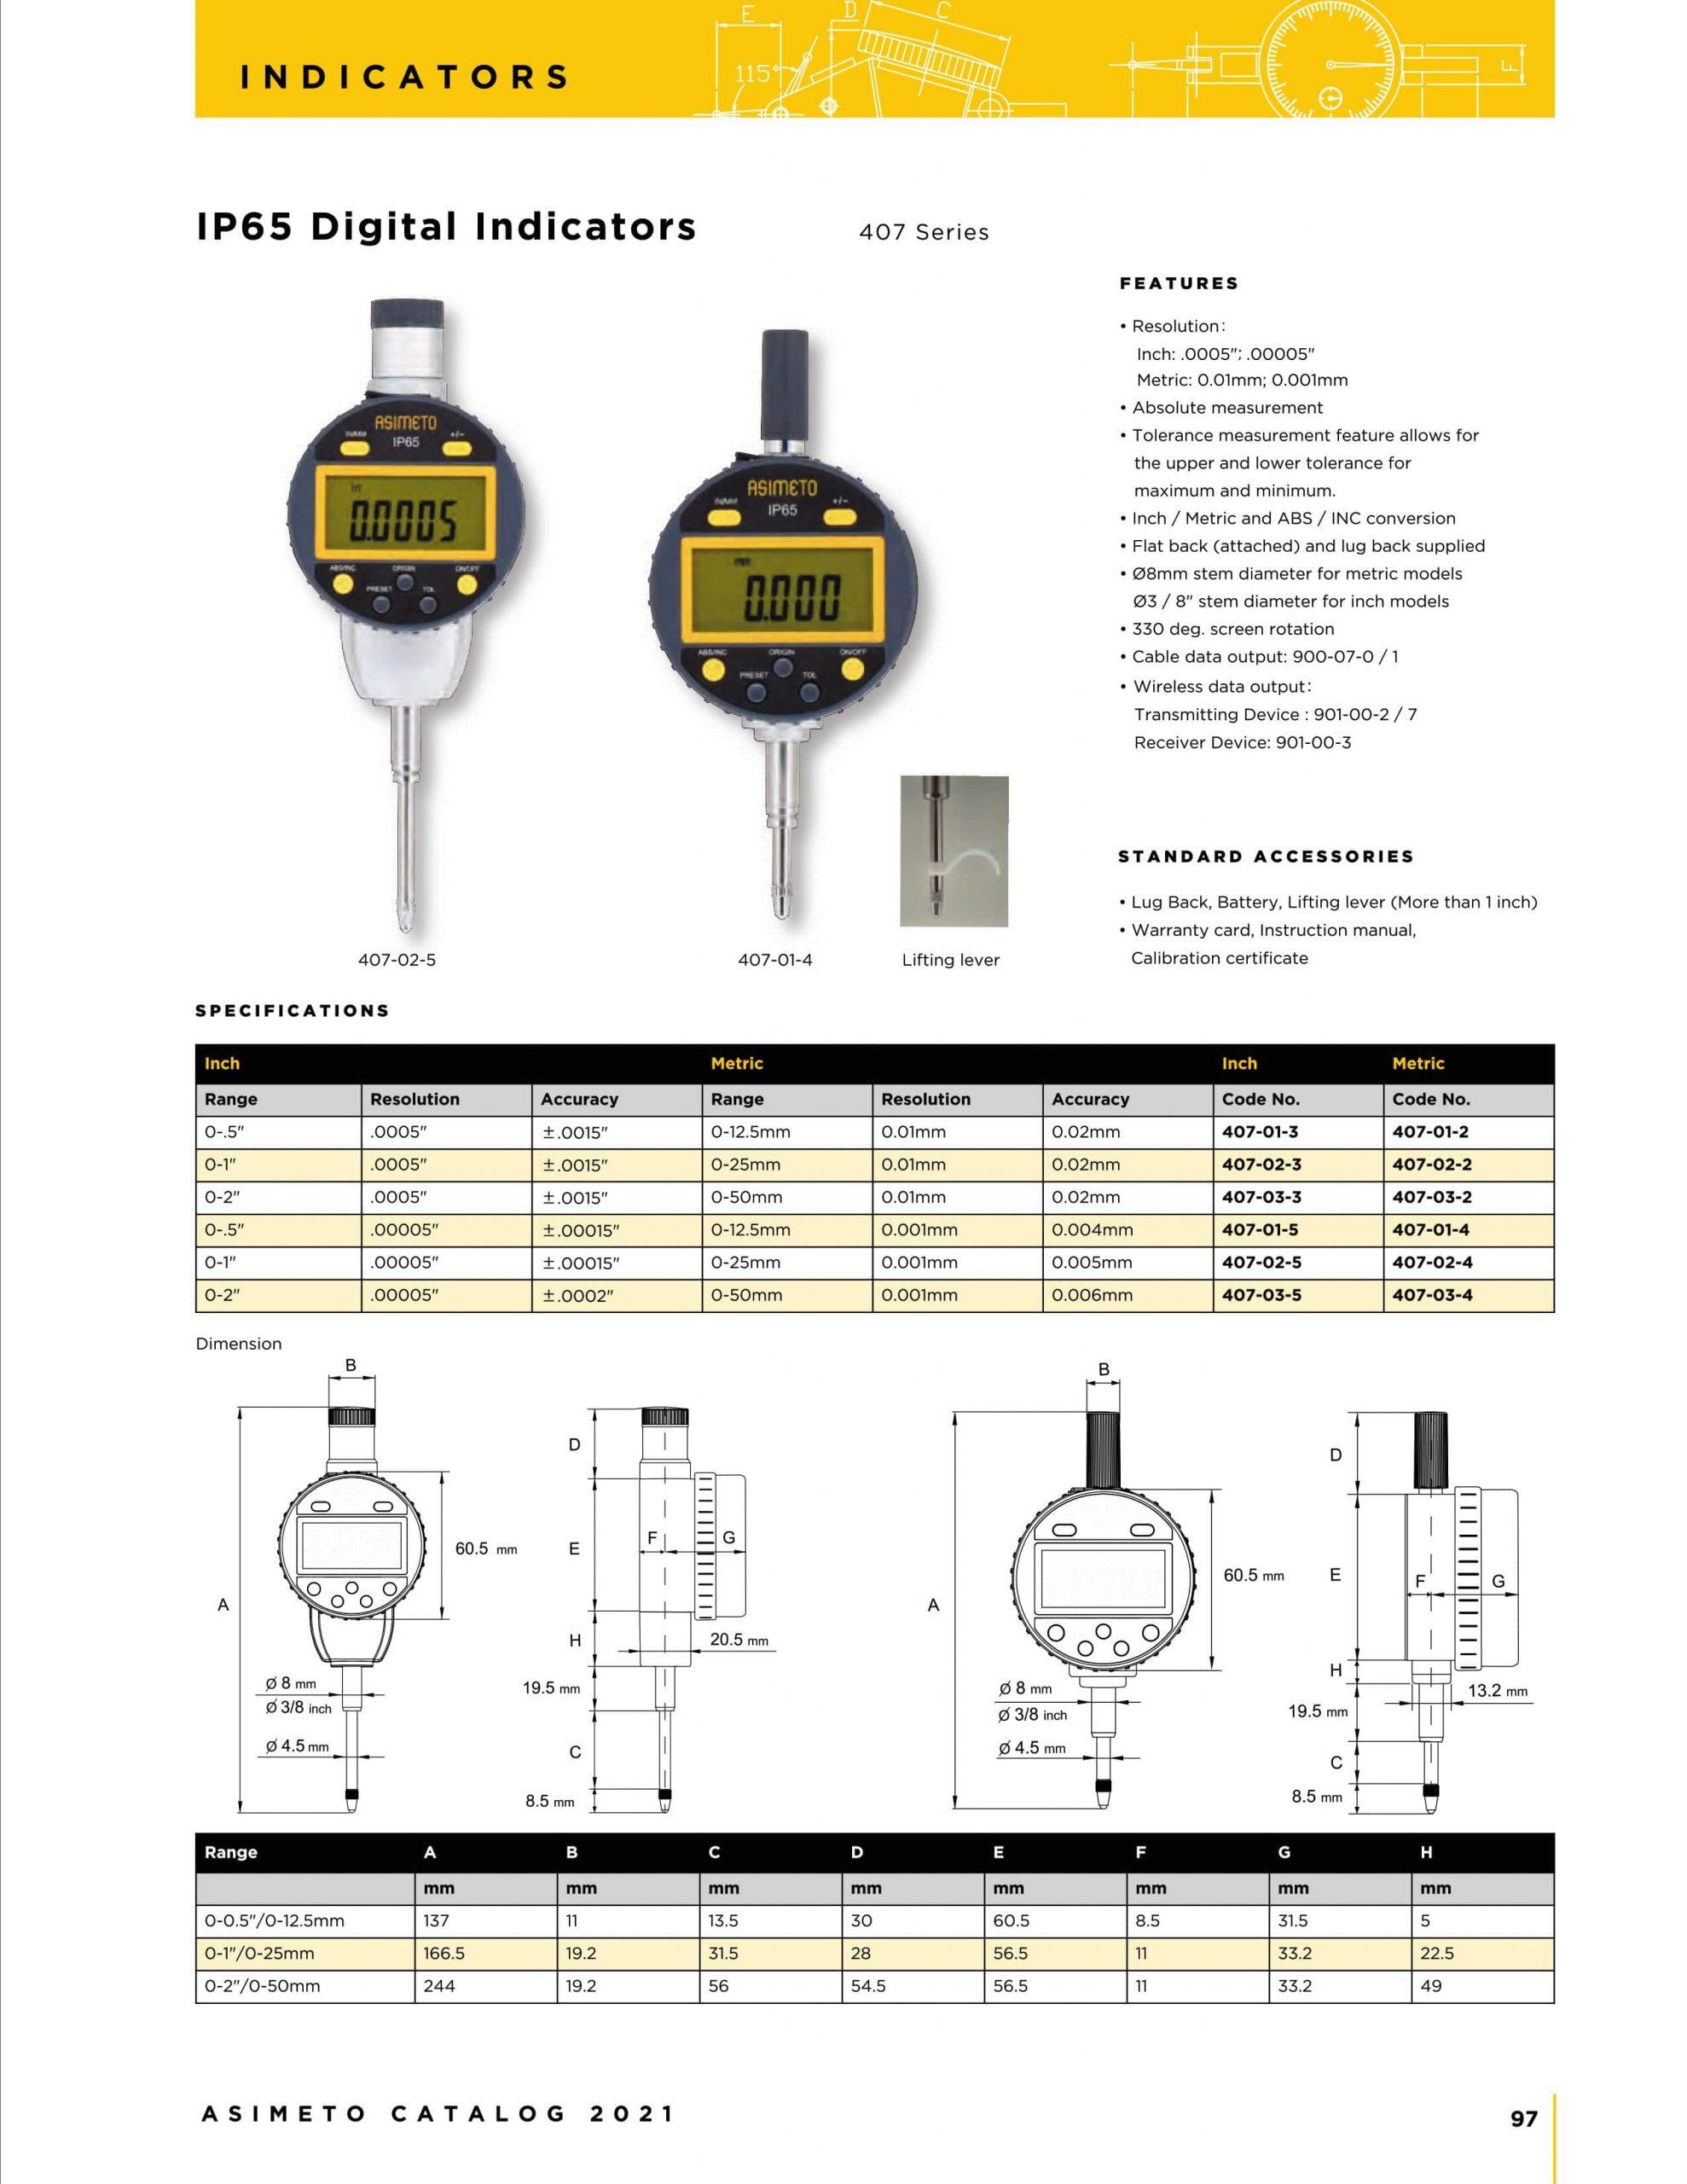 کاتالوگ ساعت اندیکاتور دیجیتال آسیمتو asimeto